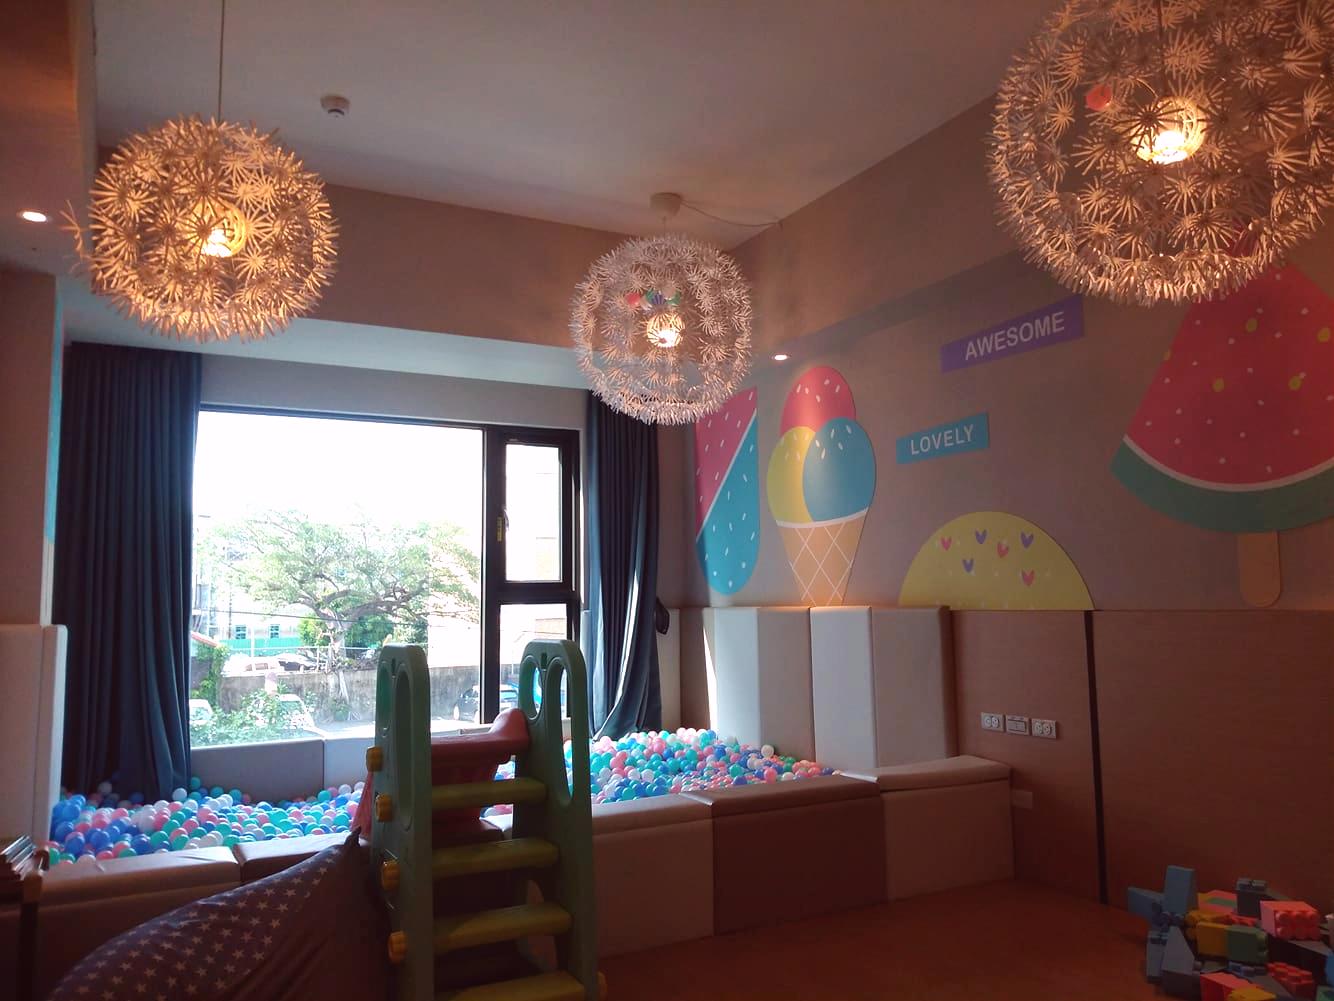 hotel liyaou in chiayi taiwan